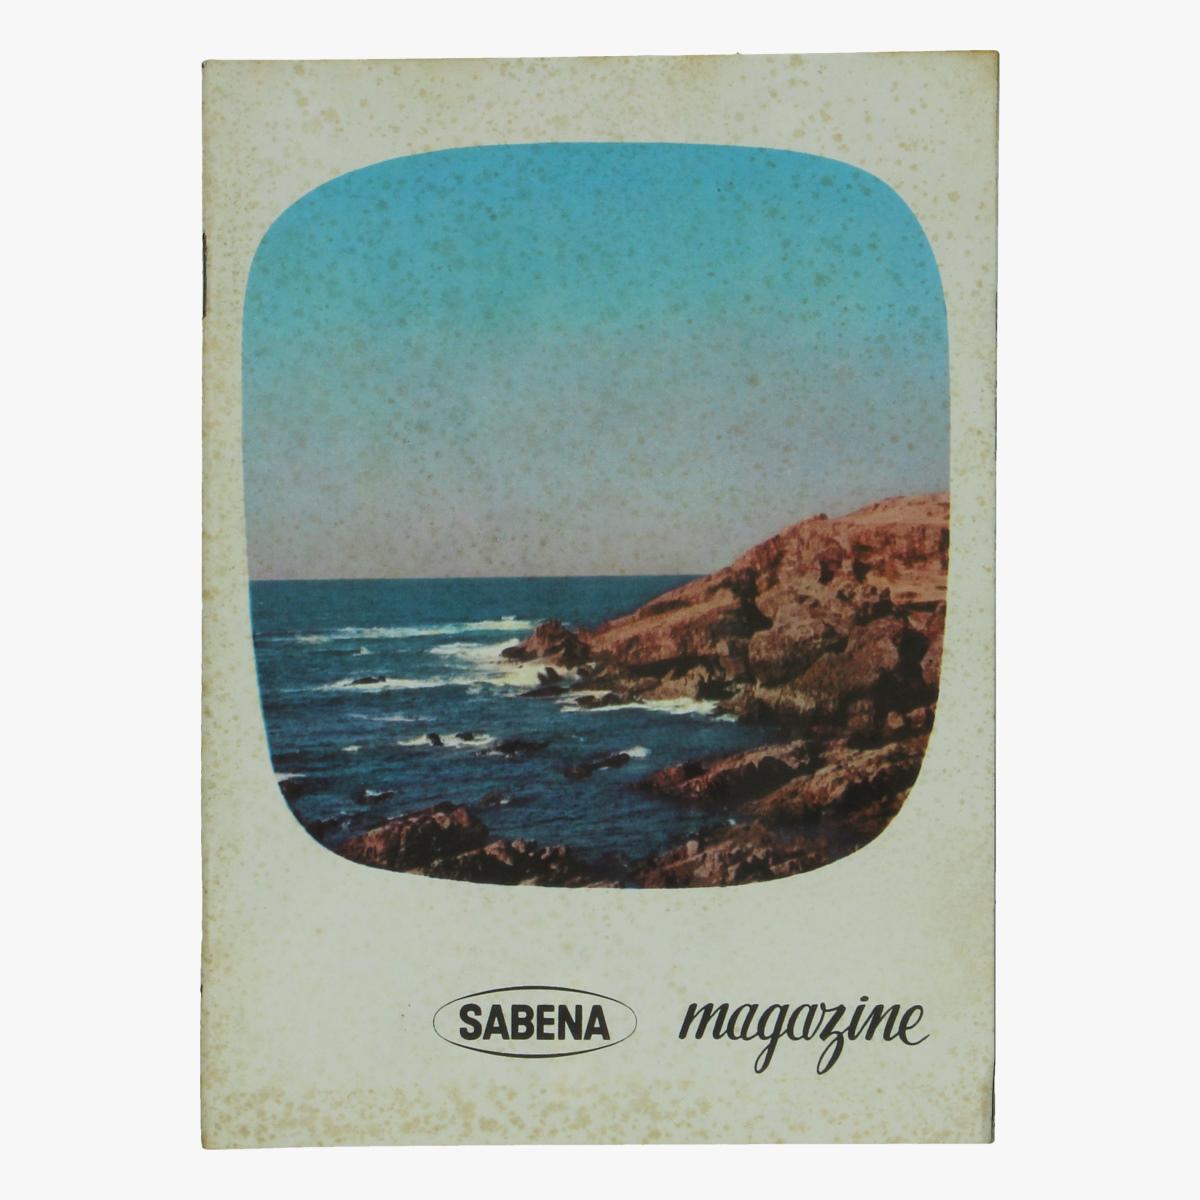 Afbeeldingen van sabena magazine 1960